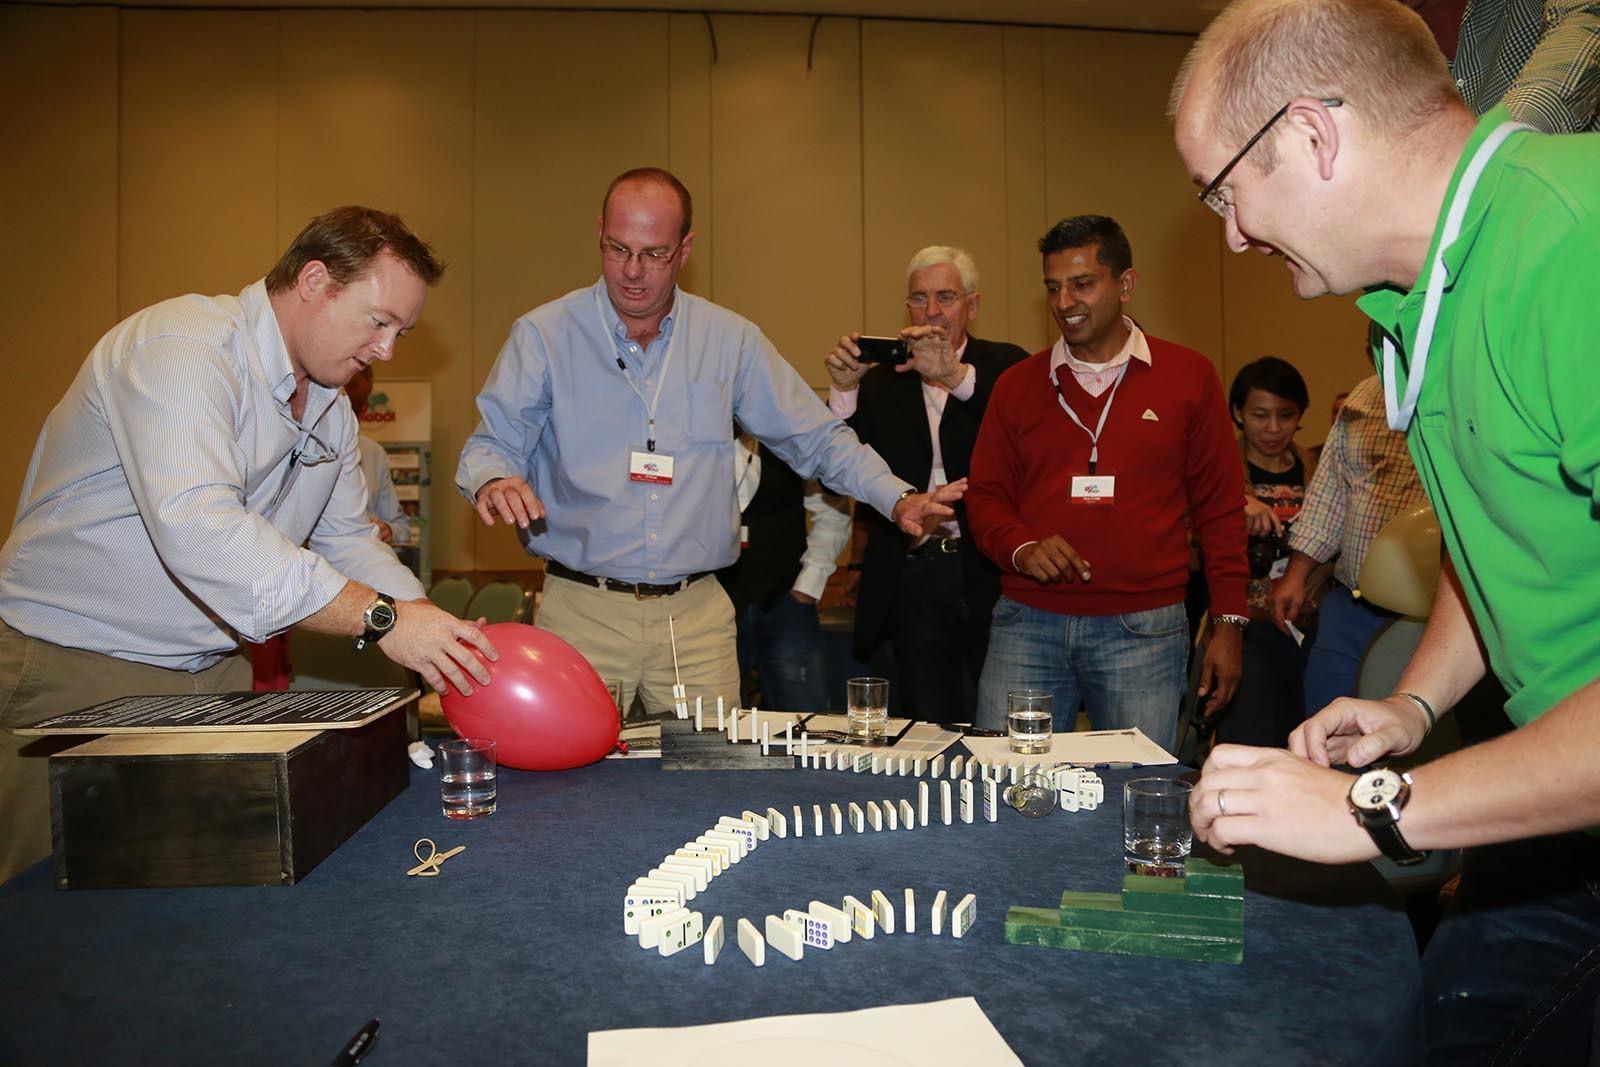 Team vse otestoval a ted se pripravuje na pokus o splneni hry Domino Effect